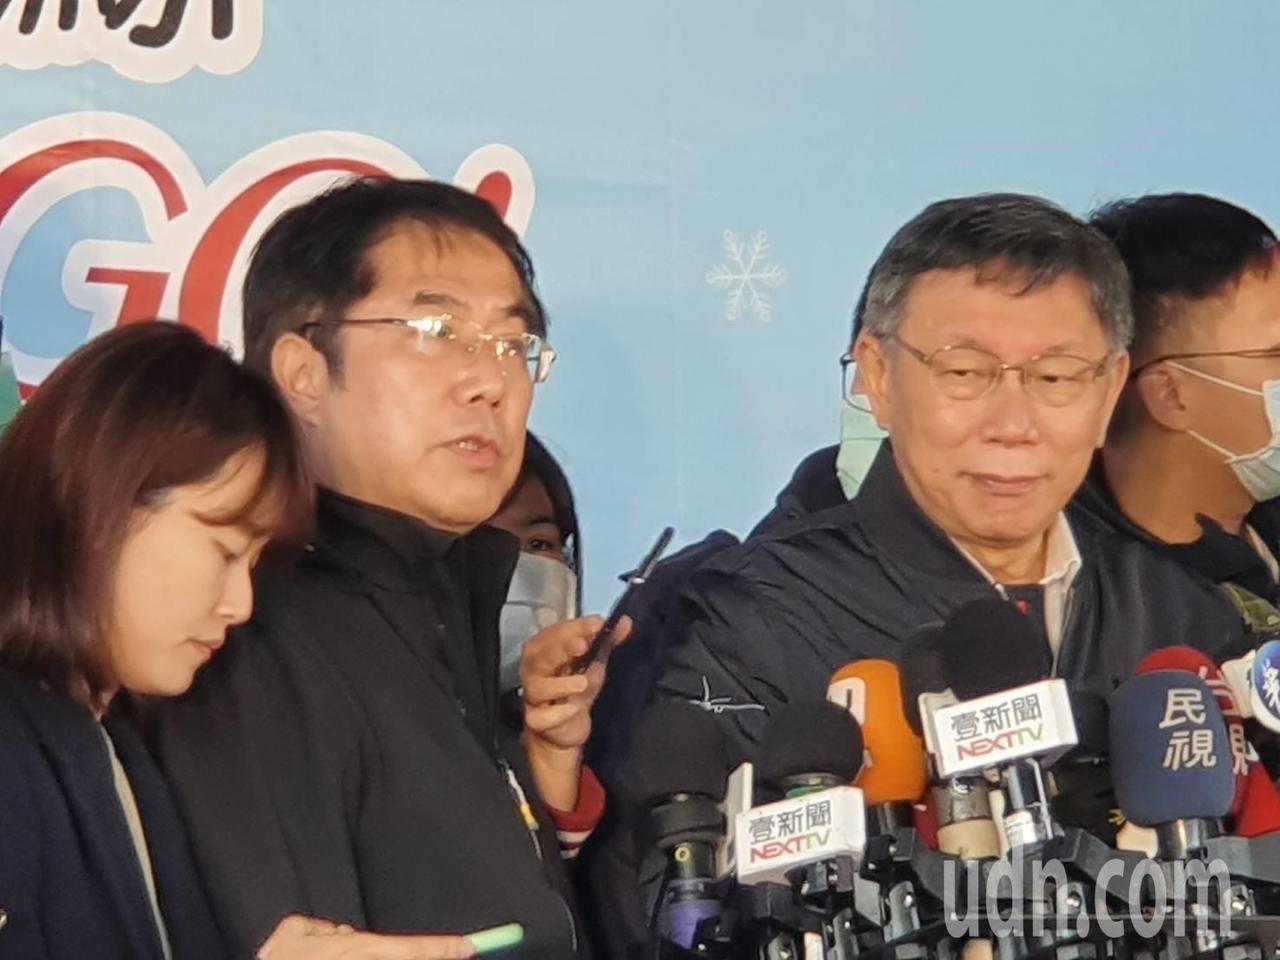 台北市長柯文哲與台南市長黃偉哲,下午一起出席台北自來水園區虎鯨、熊讚相見歡記者會,兩人同台交換禮物,會後一同受訪。記者楊正海/攝影